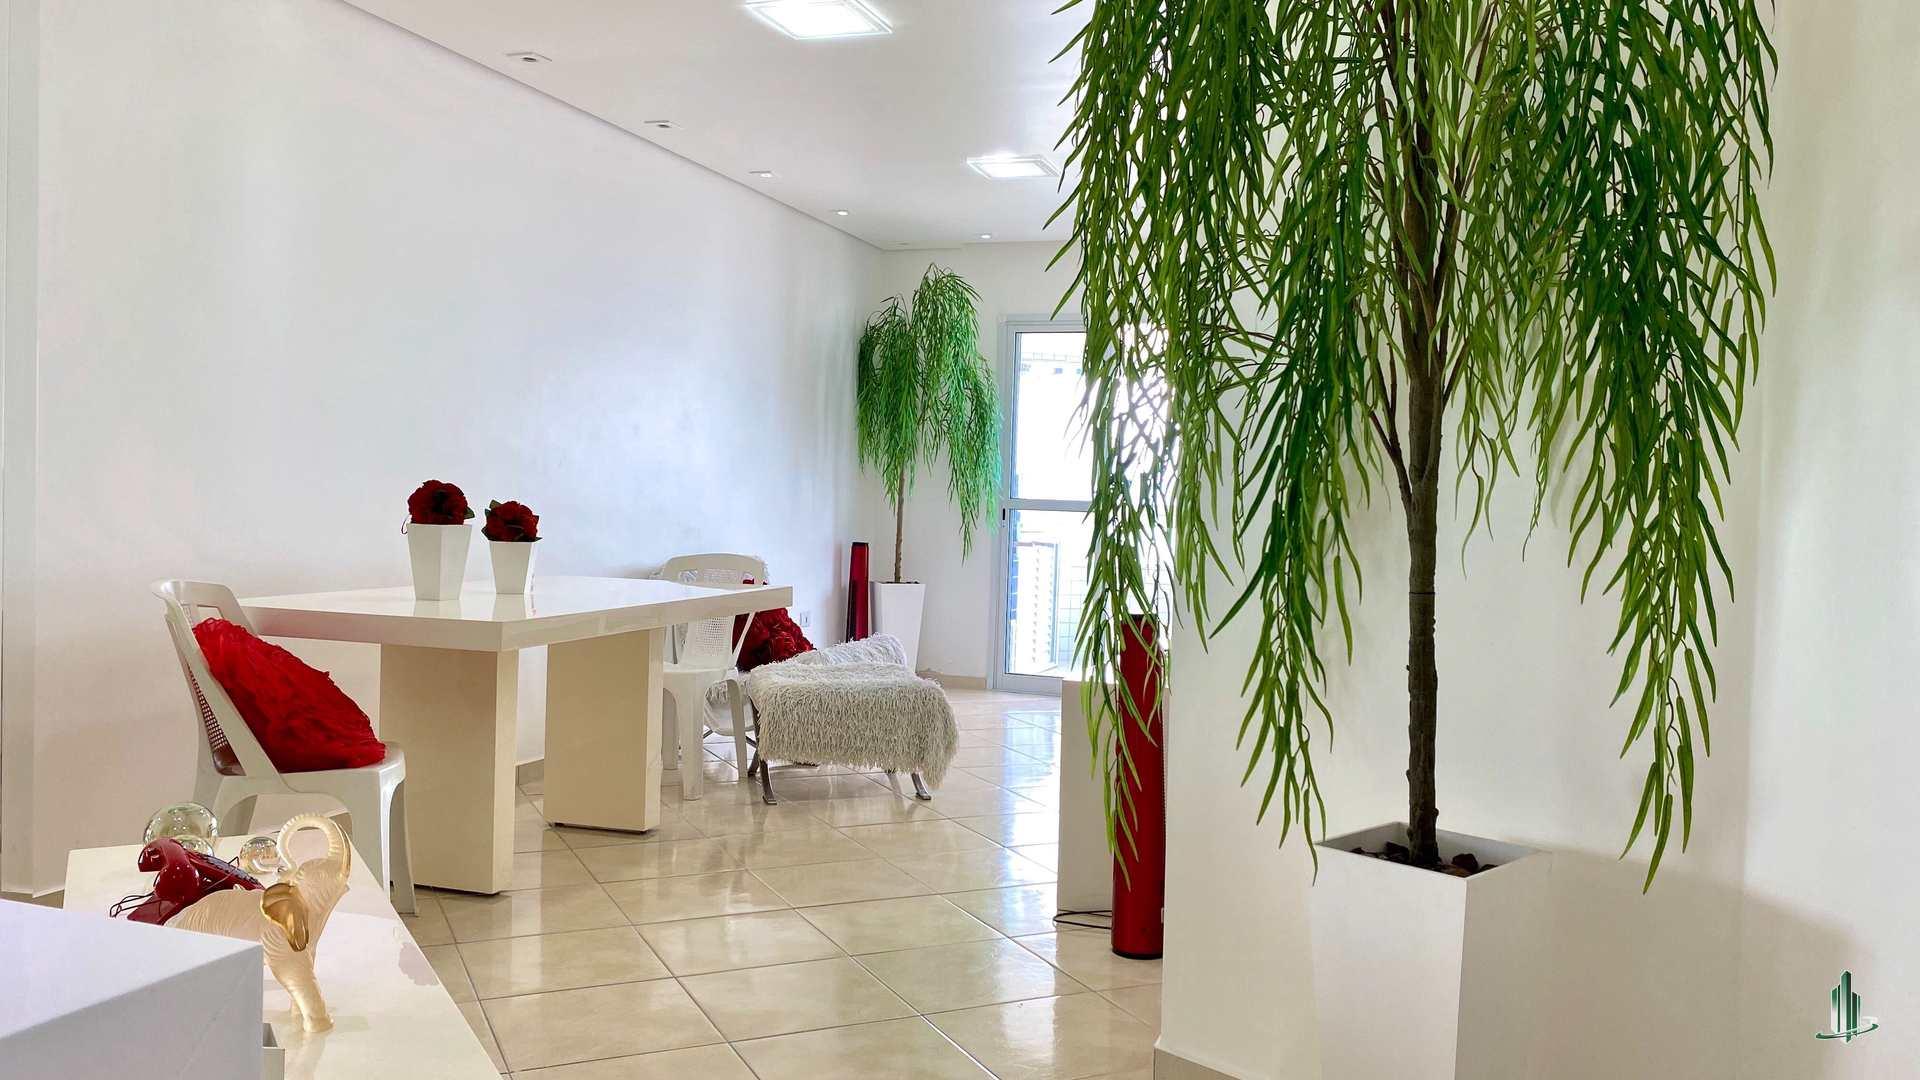 Apartamento, 3 dormitórios, Balneário Maracanã, Praia Grande,SP